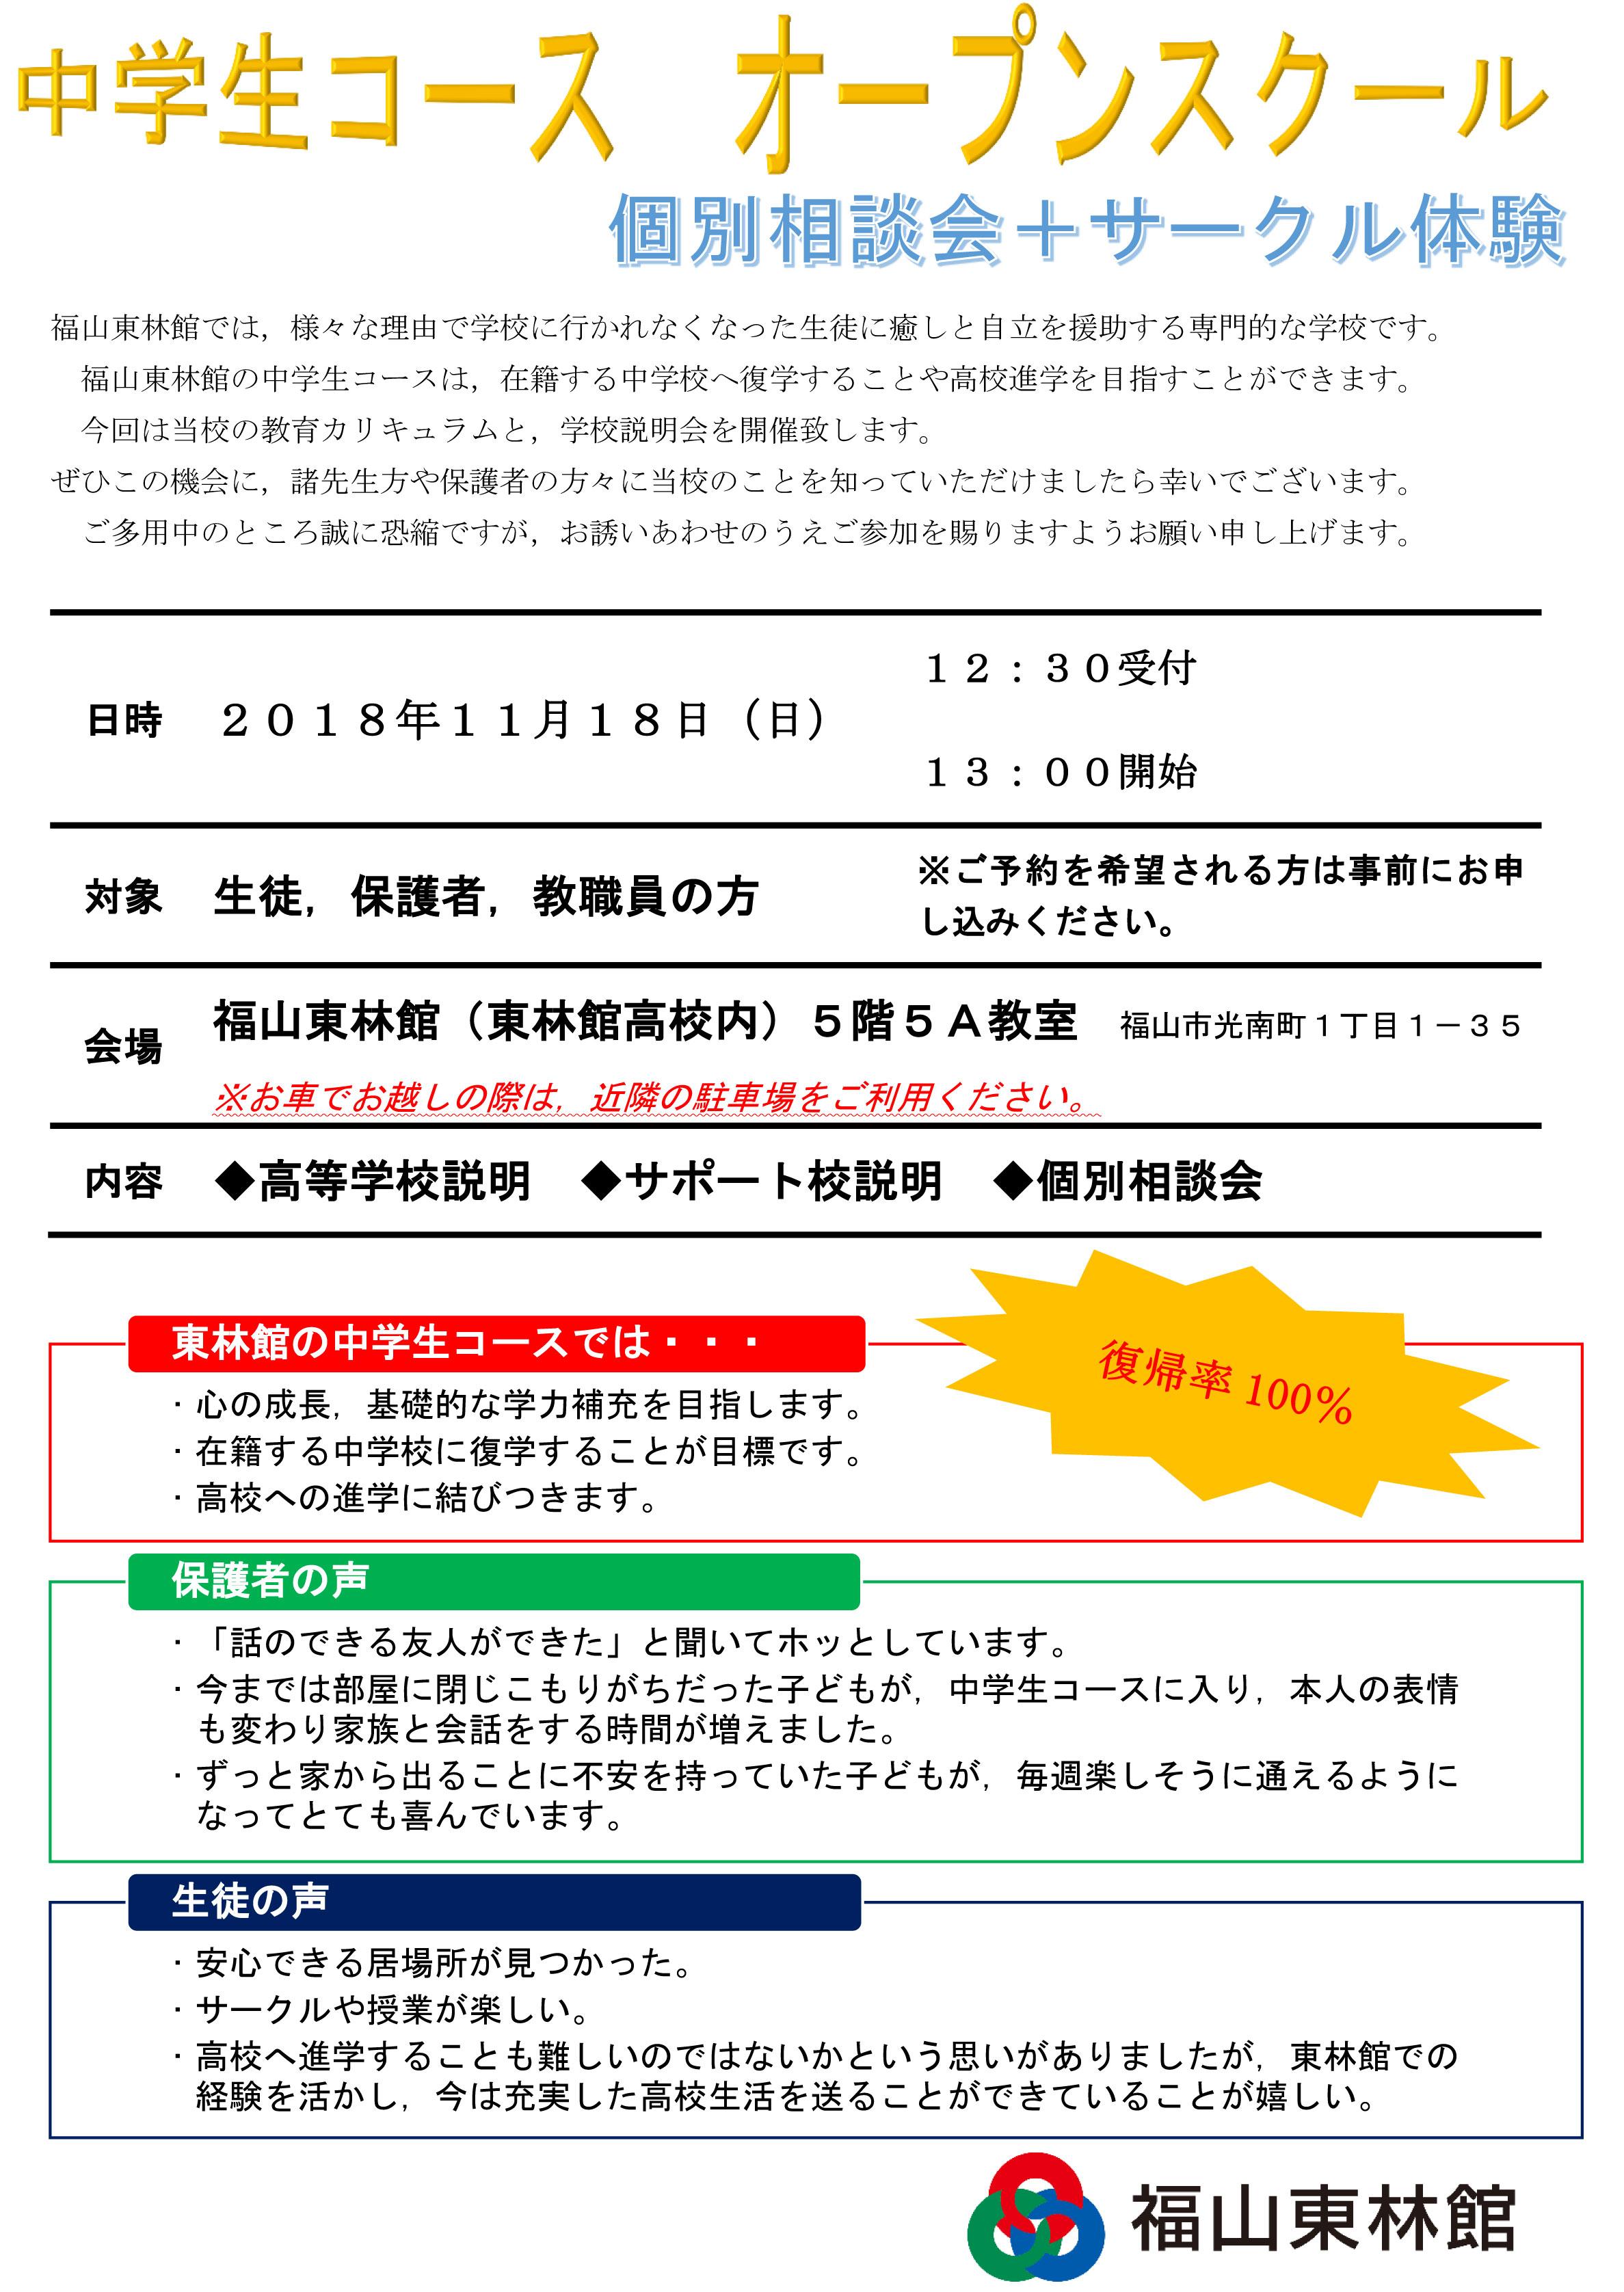 中学生コース-説明-1